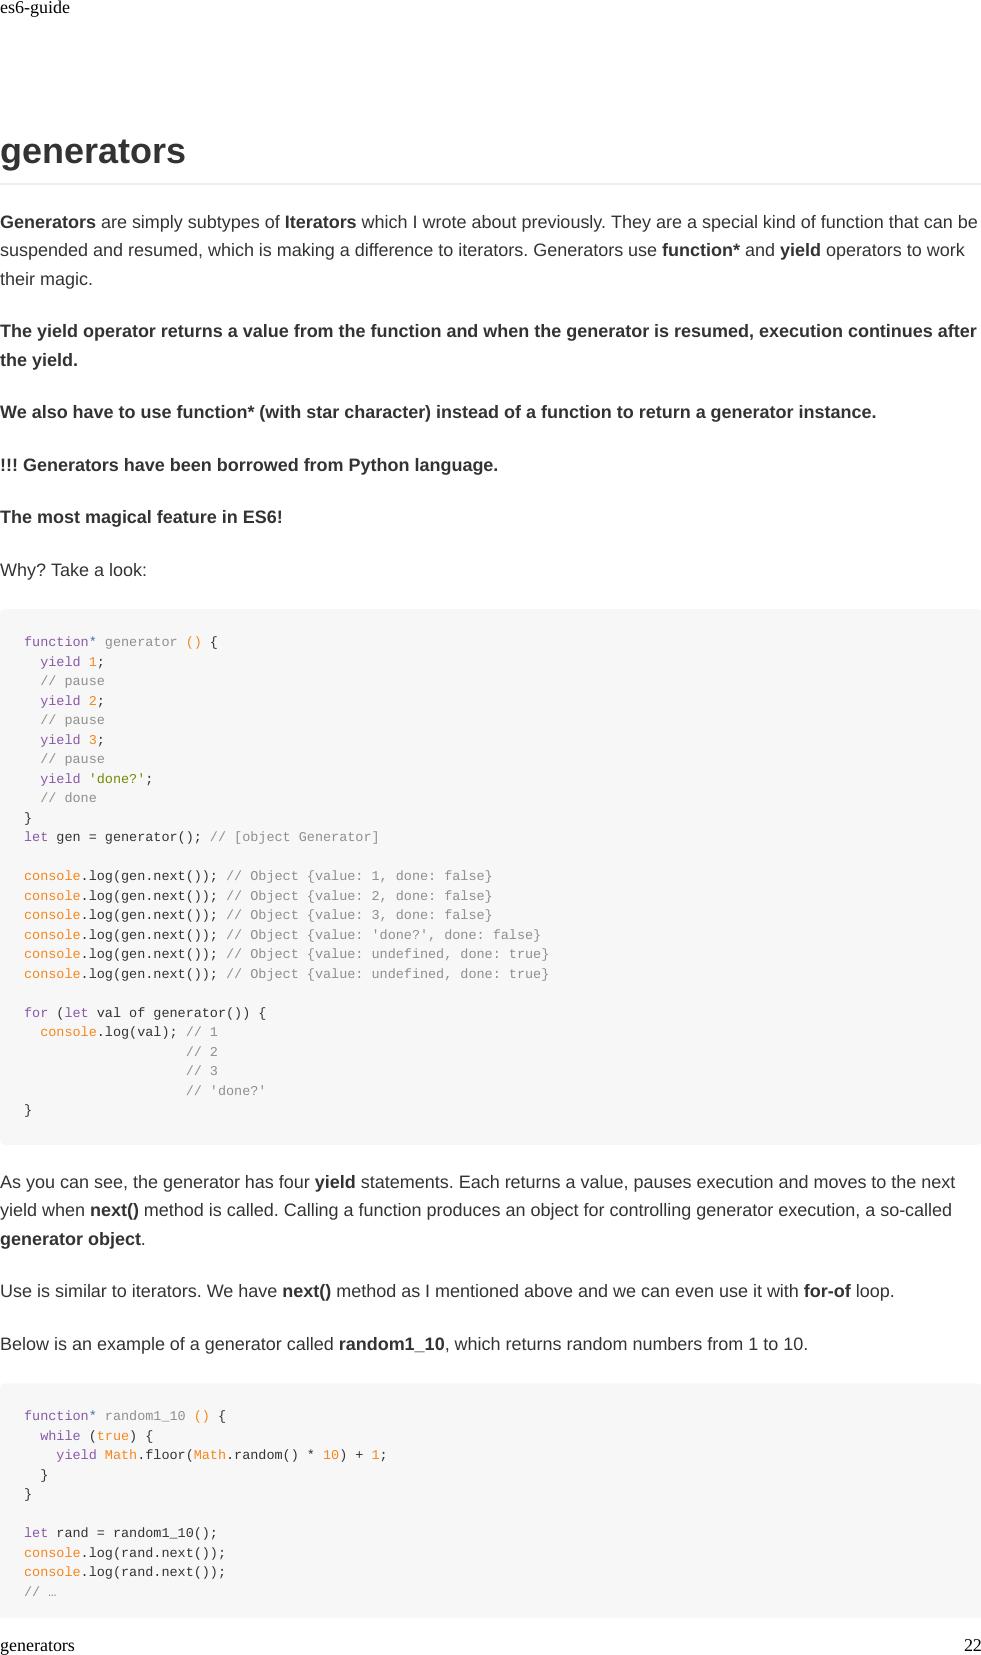 Es6 guide [JAVASCRIPT][ECMAScript 6 (ES6) Guide]